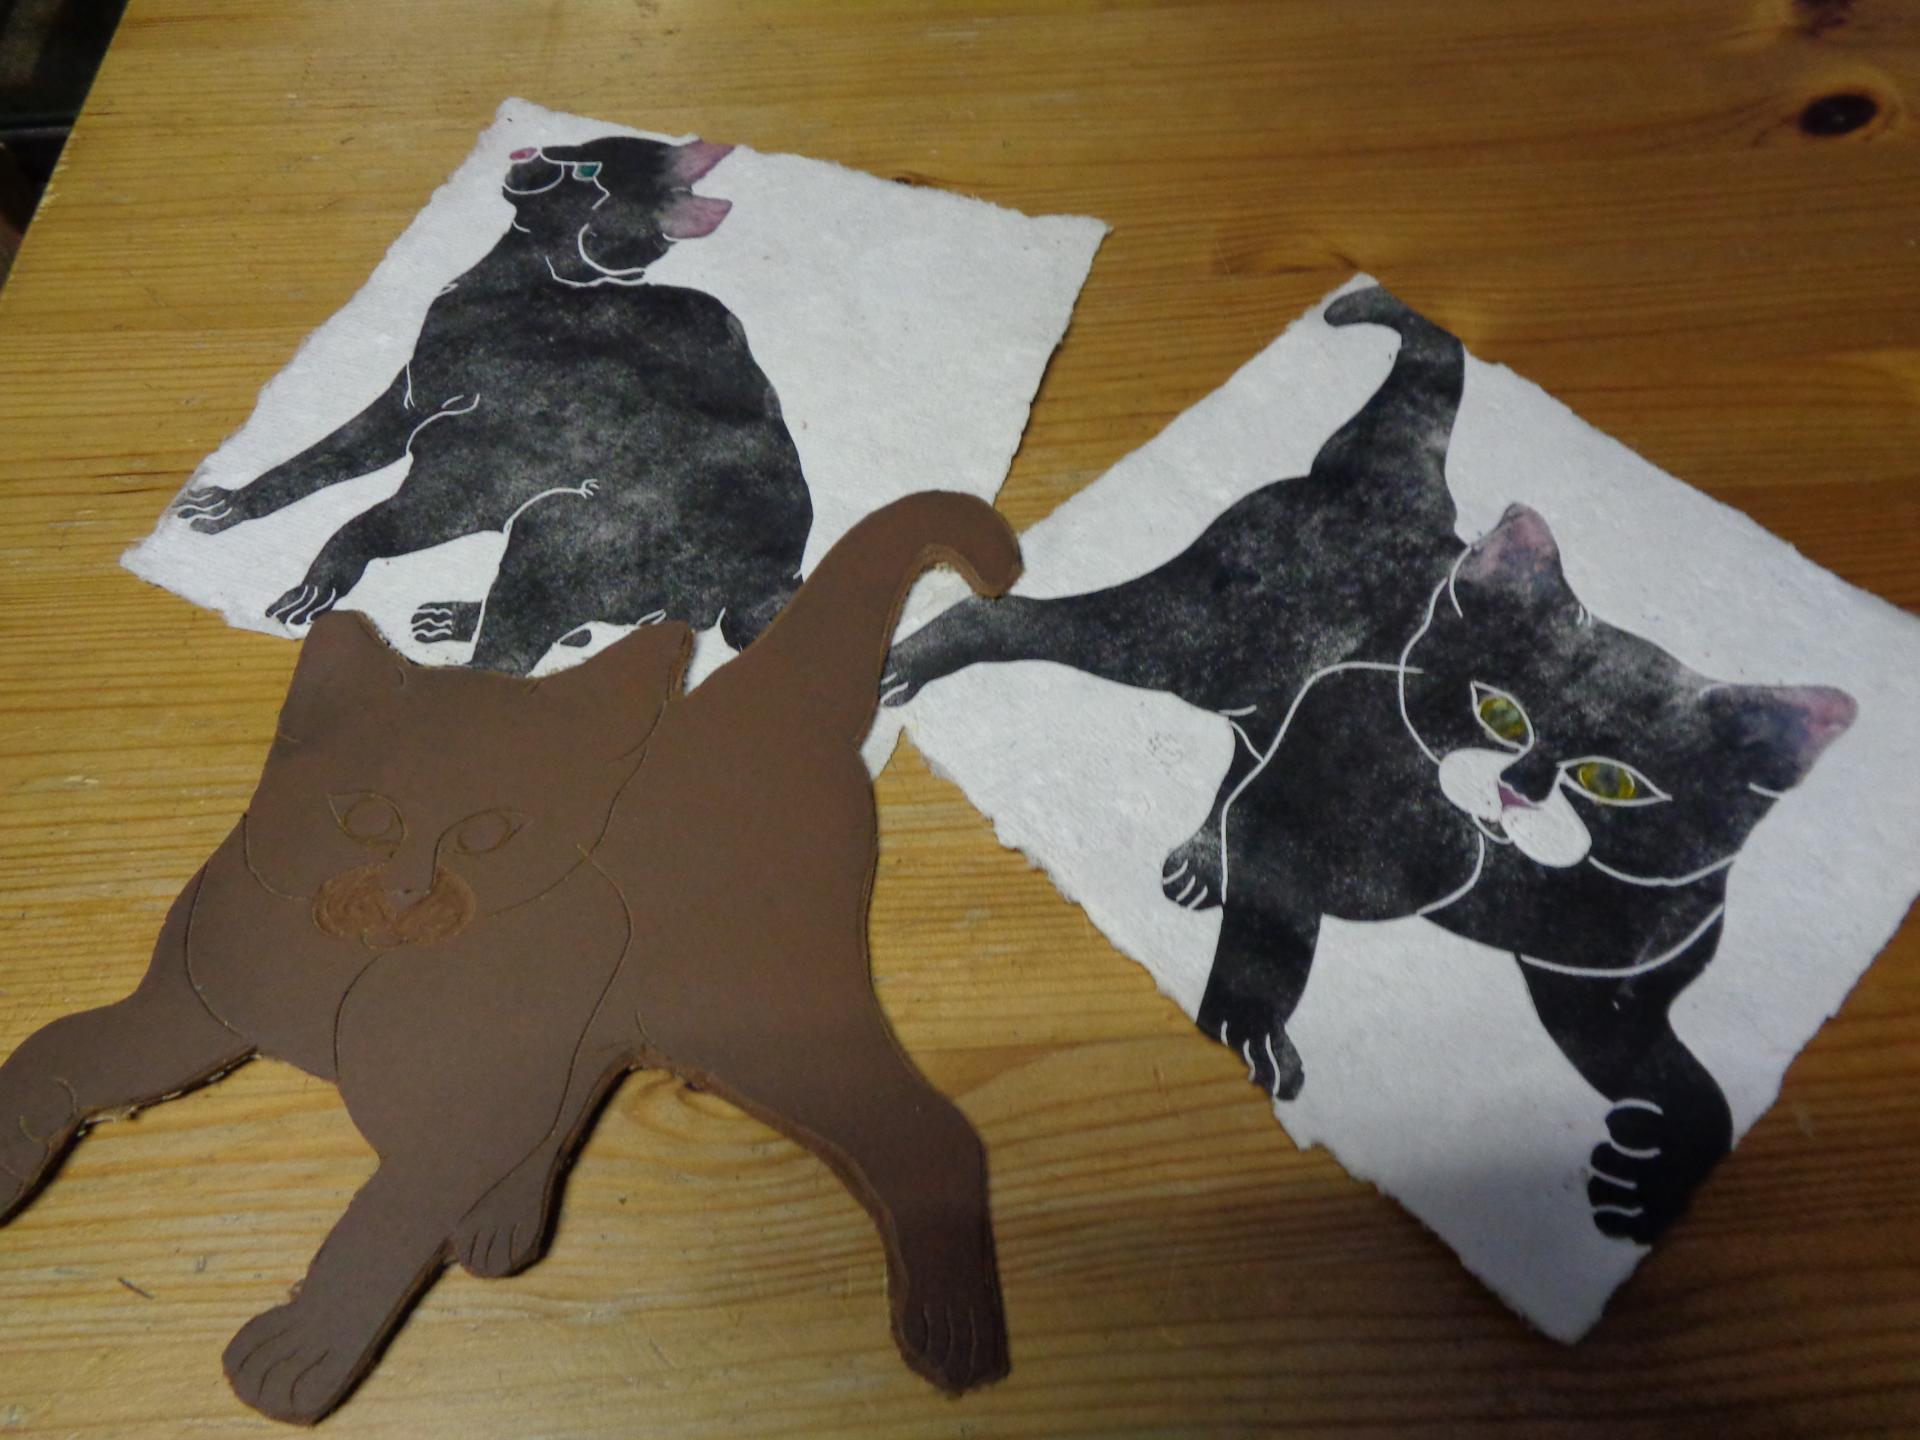 Gravure de mes dessins avec impression sur papier chiffon